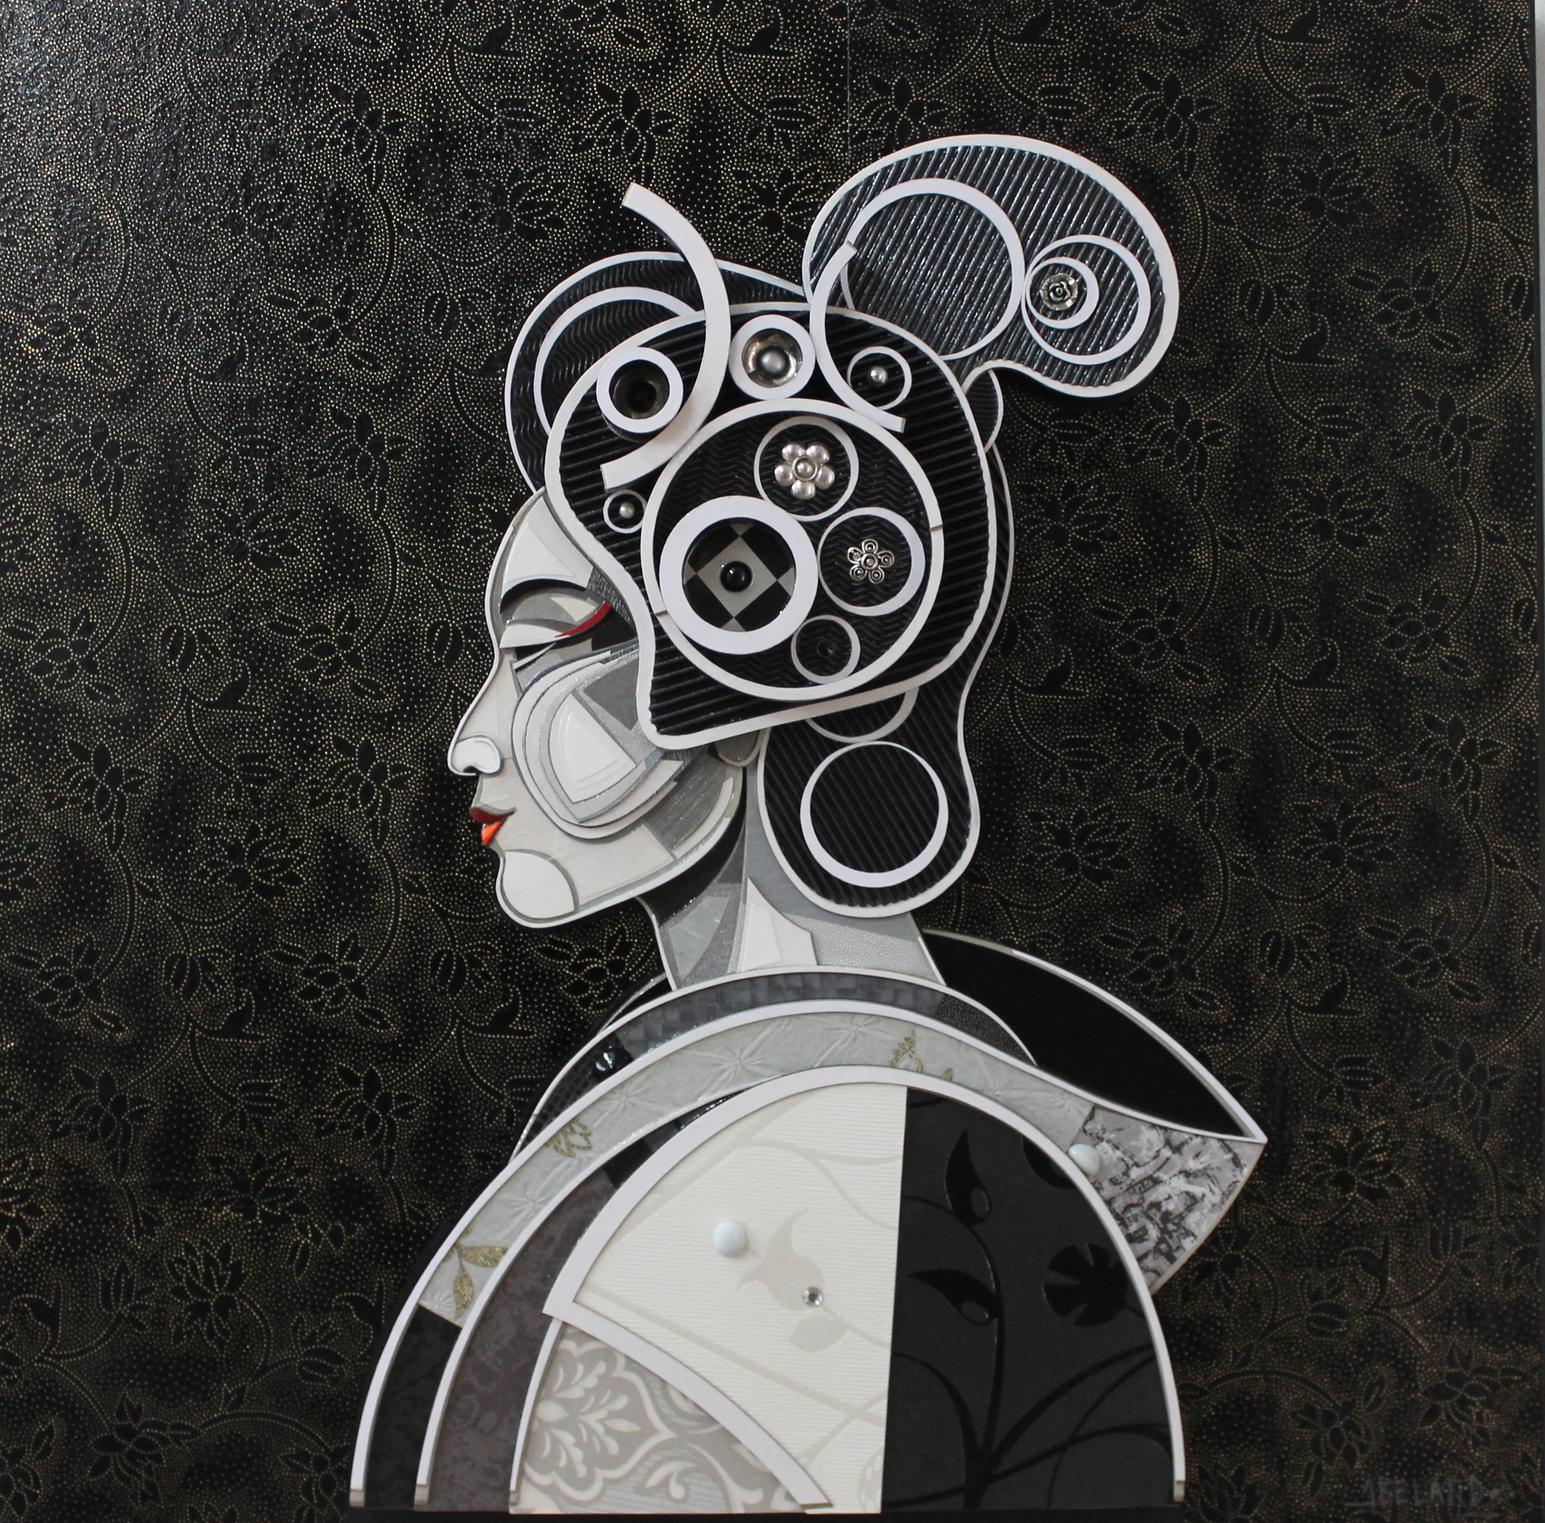 """""""Perfil de Geisha"""" / """"Geisha Profil""""   Mixed Media   100 cm x 100 c  m   2016"""